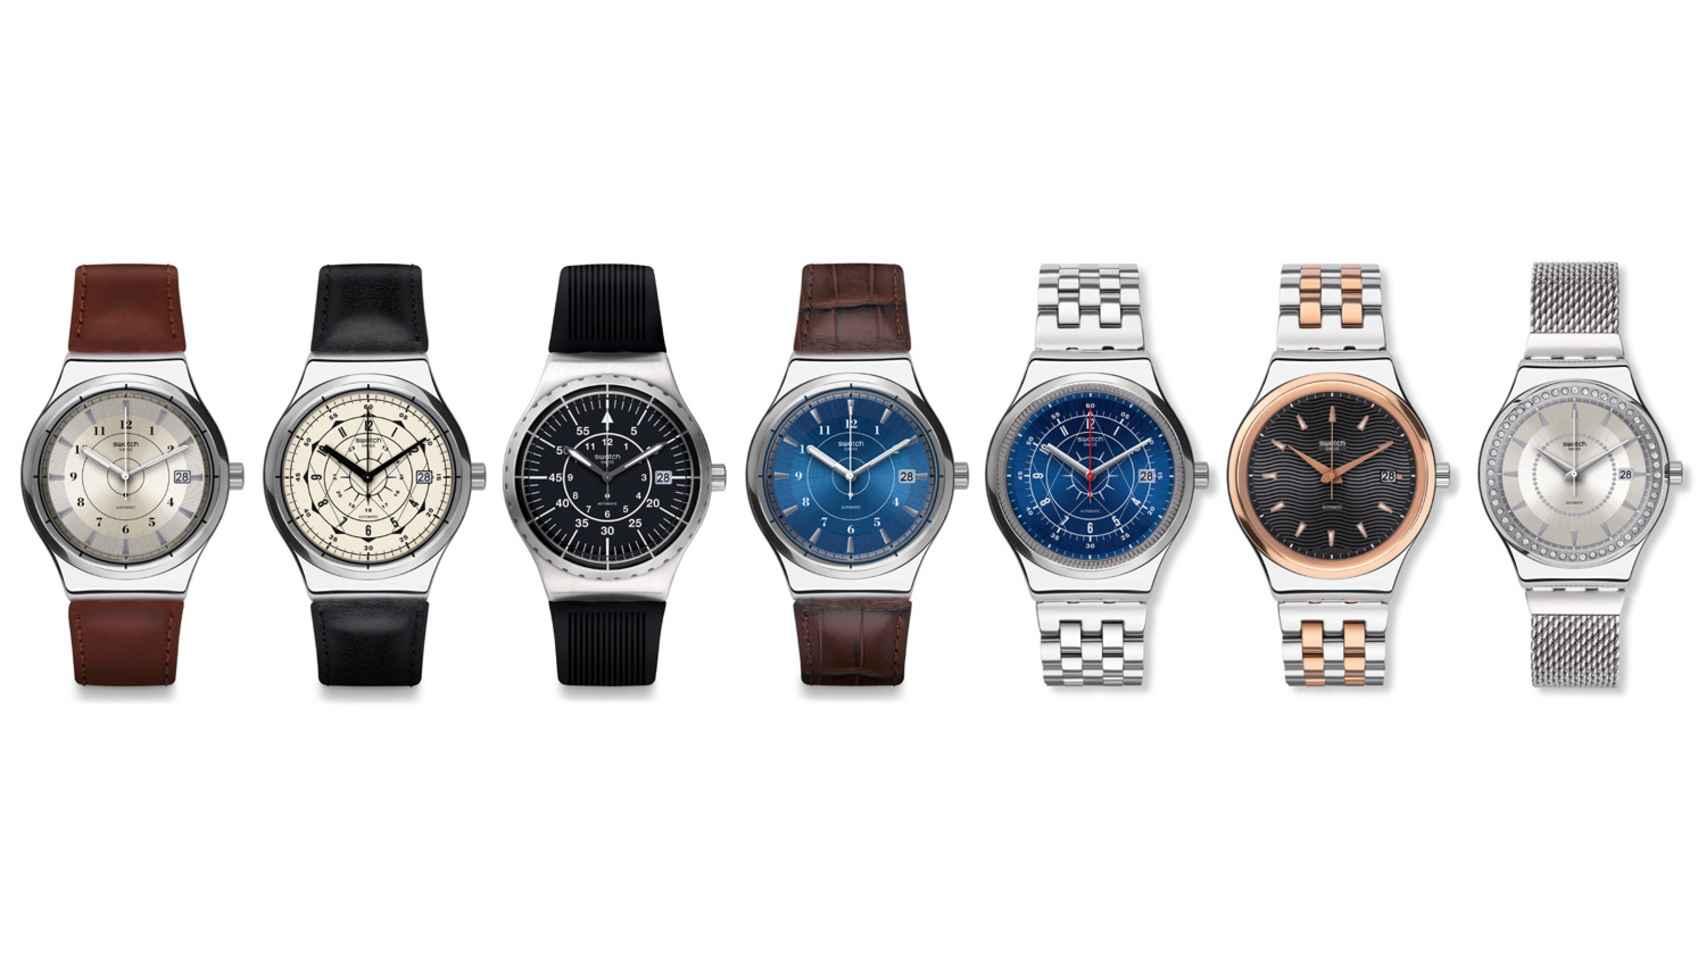 reloj mecnico en metal que ronda los uac el swatch sistem irony segn modelos sus precios oscilan entre los y los uac un regalo excelente